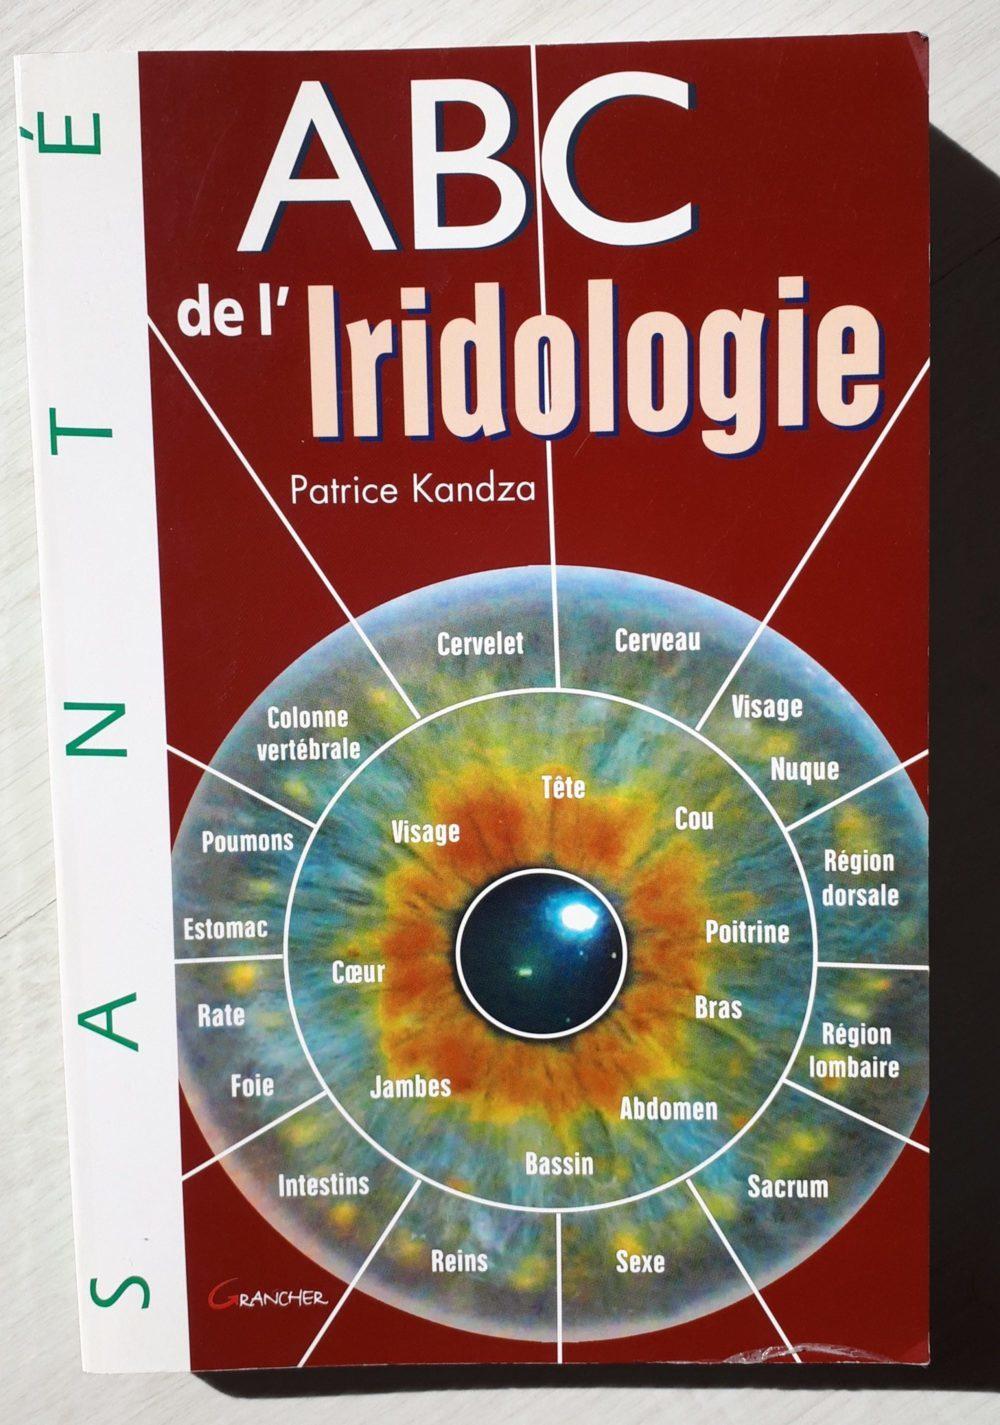 Supernaturo-ABC de l' iridologie